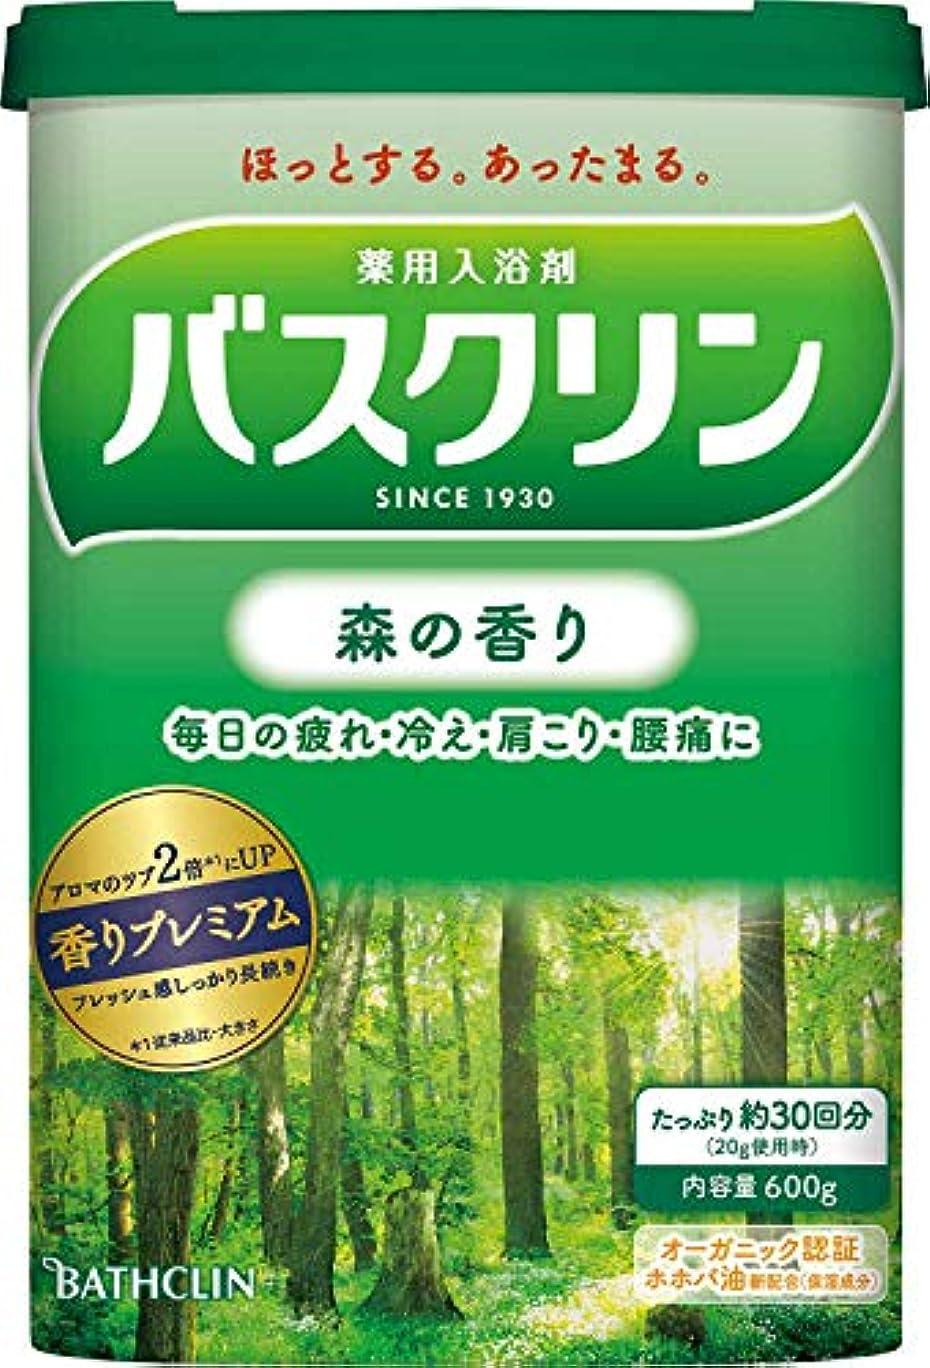 明確なヘビ逸話【医薬部外品】バスクリン入浴剤 森の香り600g入浴剤(約30回分) 疲労回復